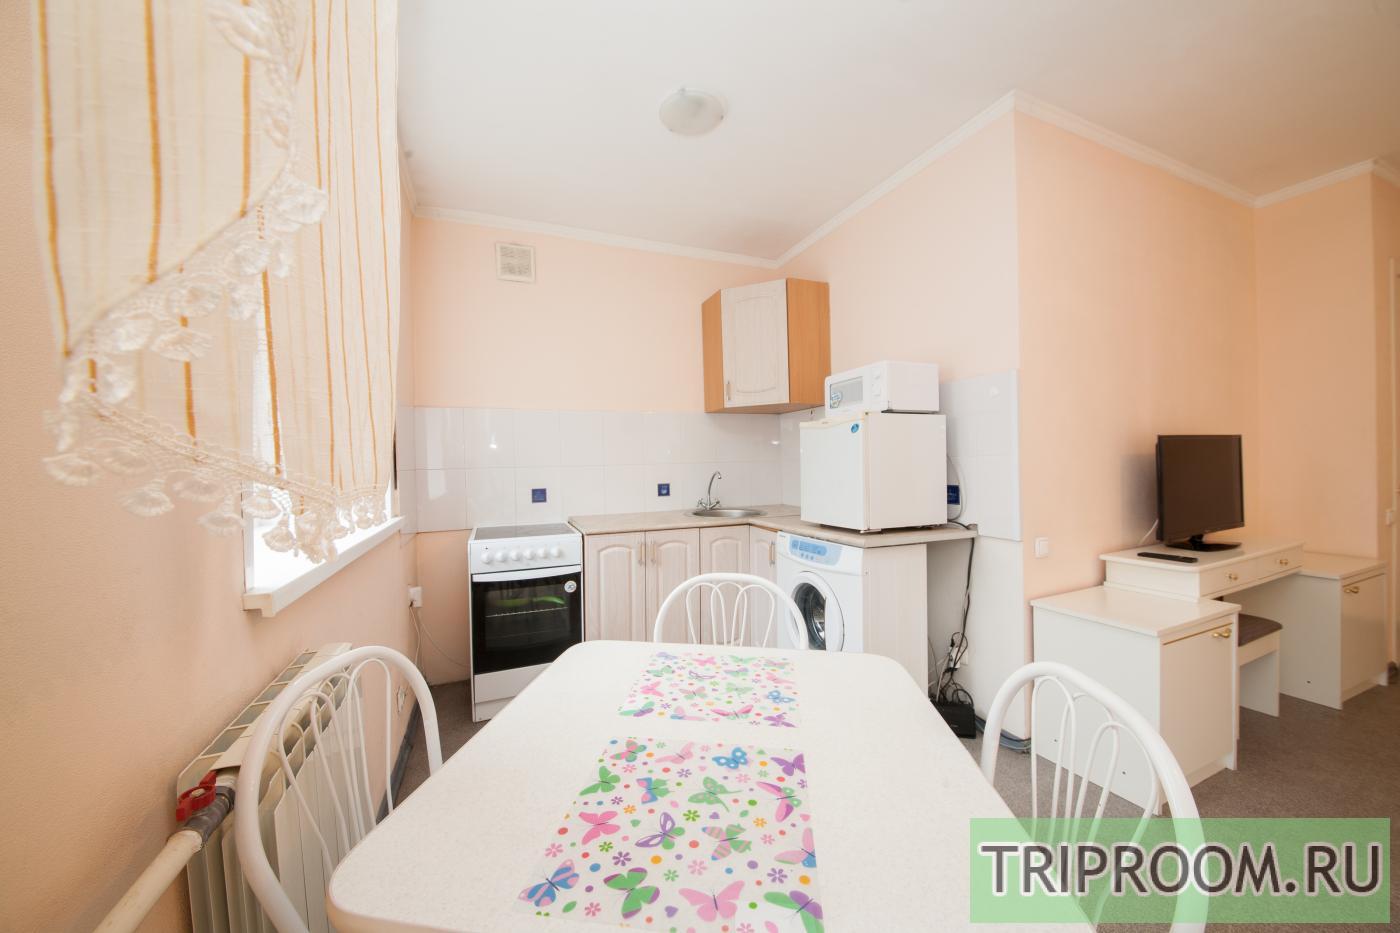 1-комнатная квартира посуточно (вариант № 16060), ул. Красной Армии, фото № 6